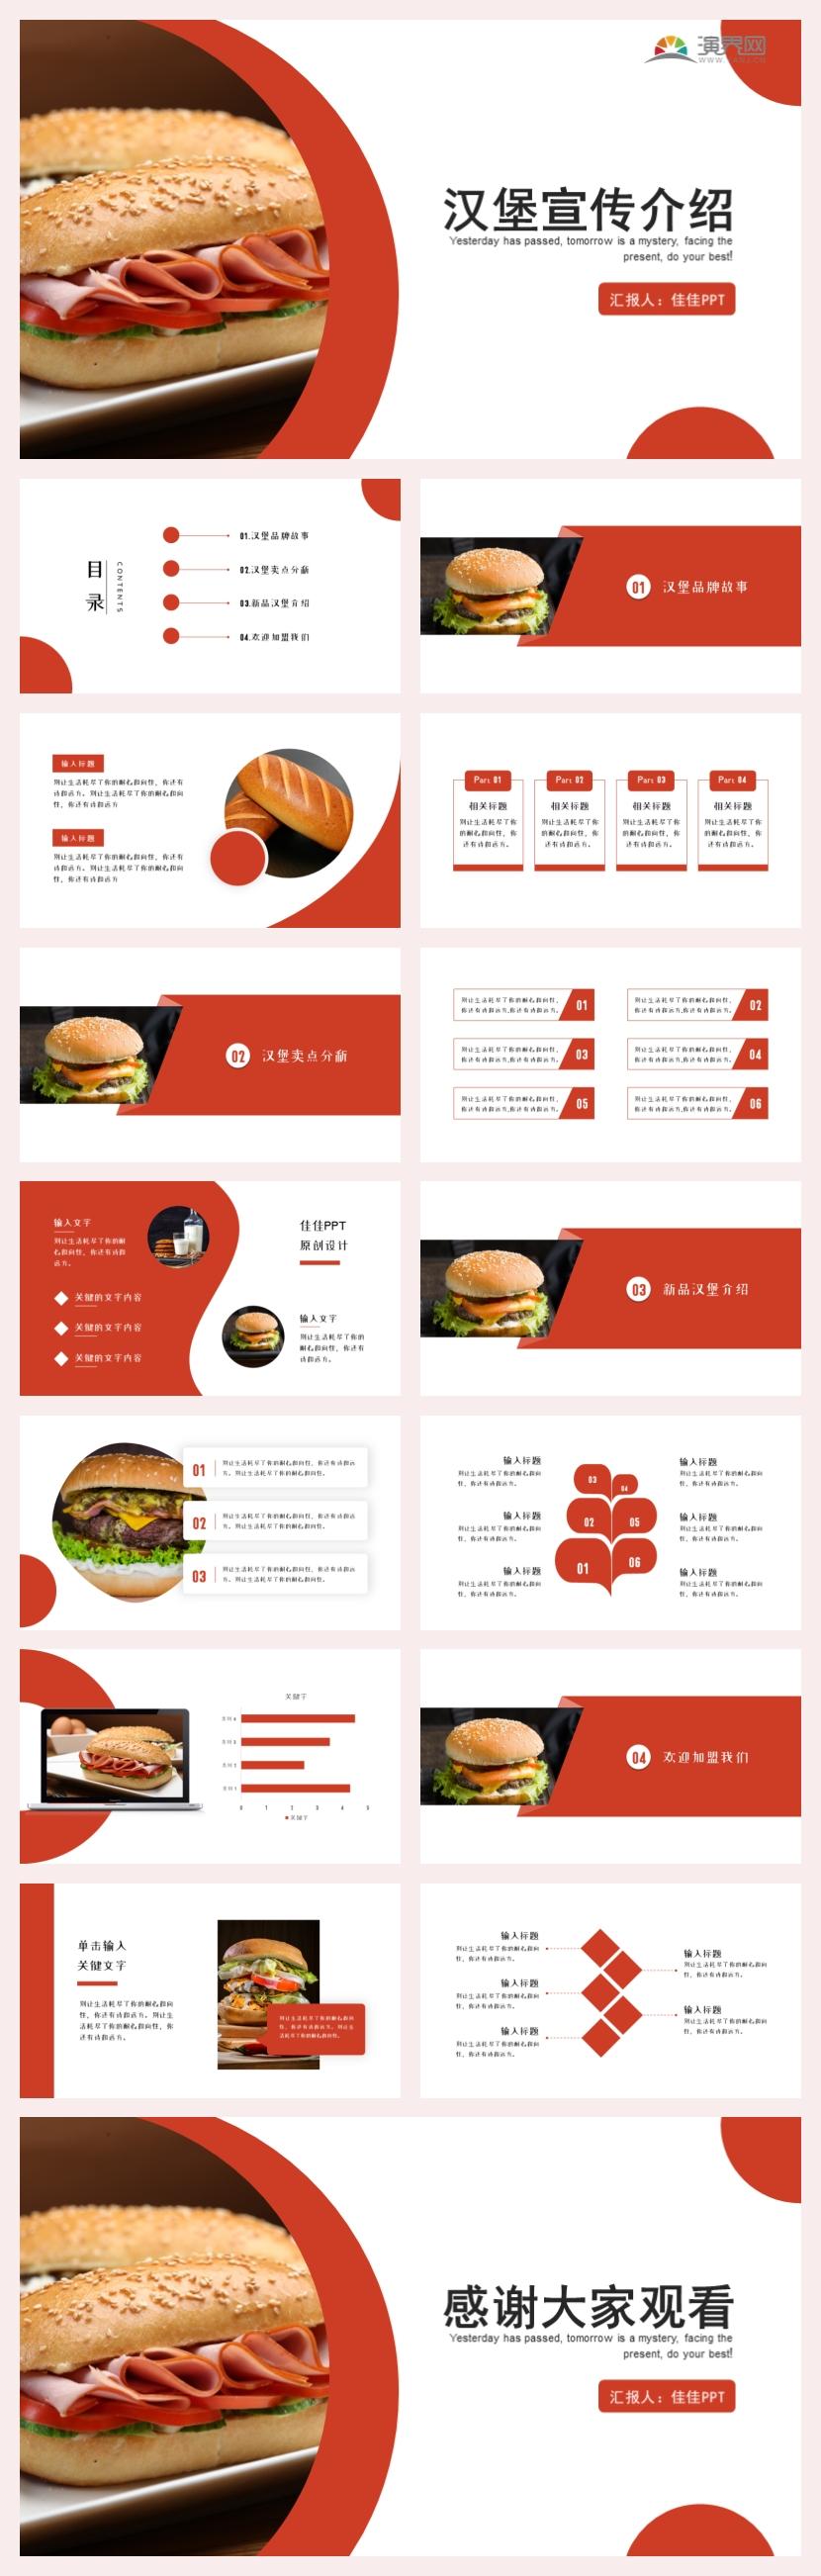 红色商务风汉堡主题餐饮美食PPT